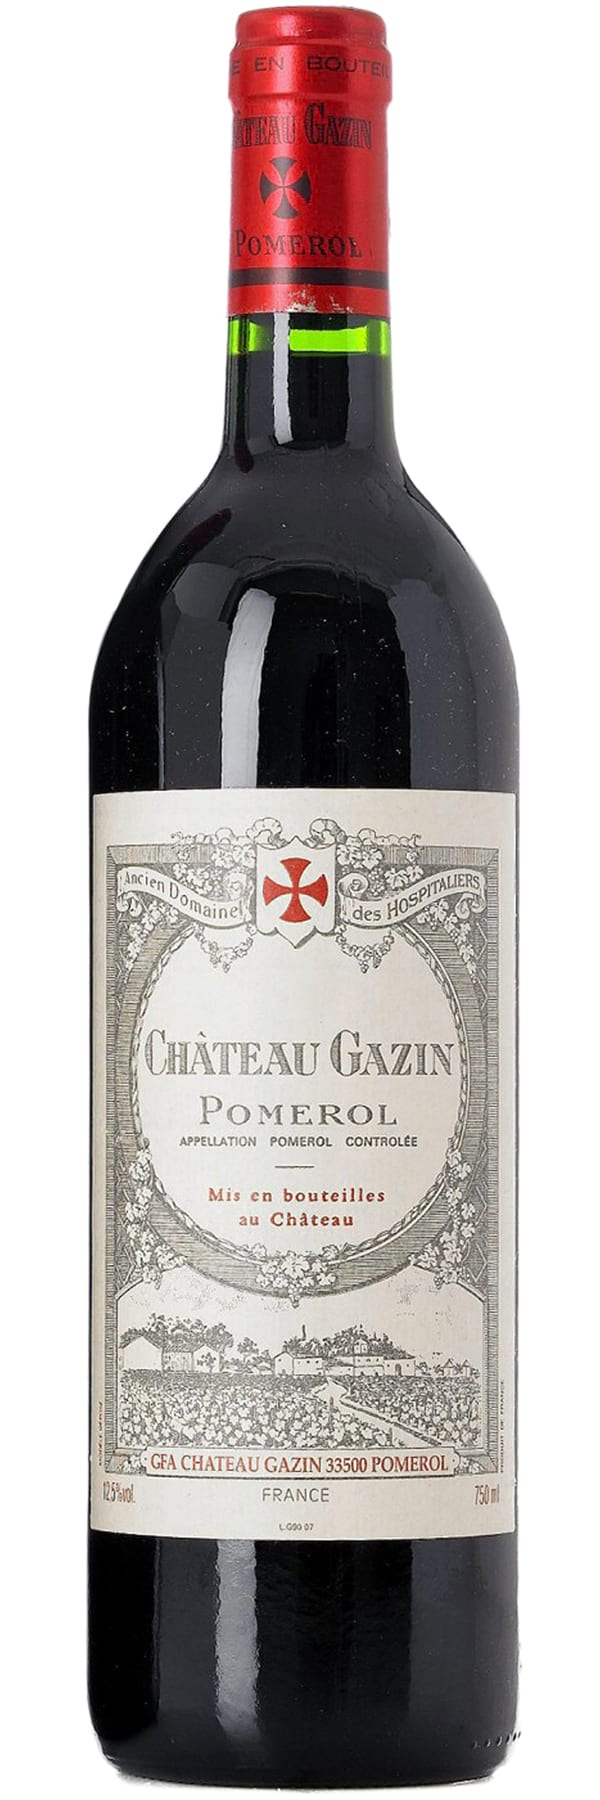 2015 Chateau Gazin Pomerol фото